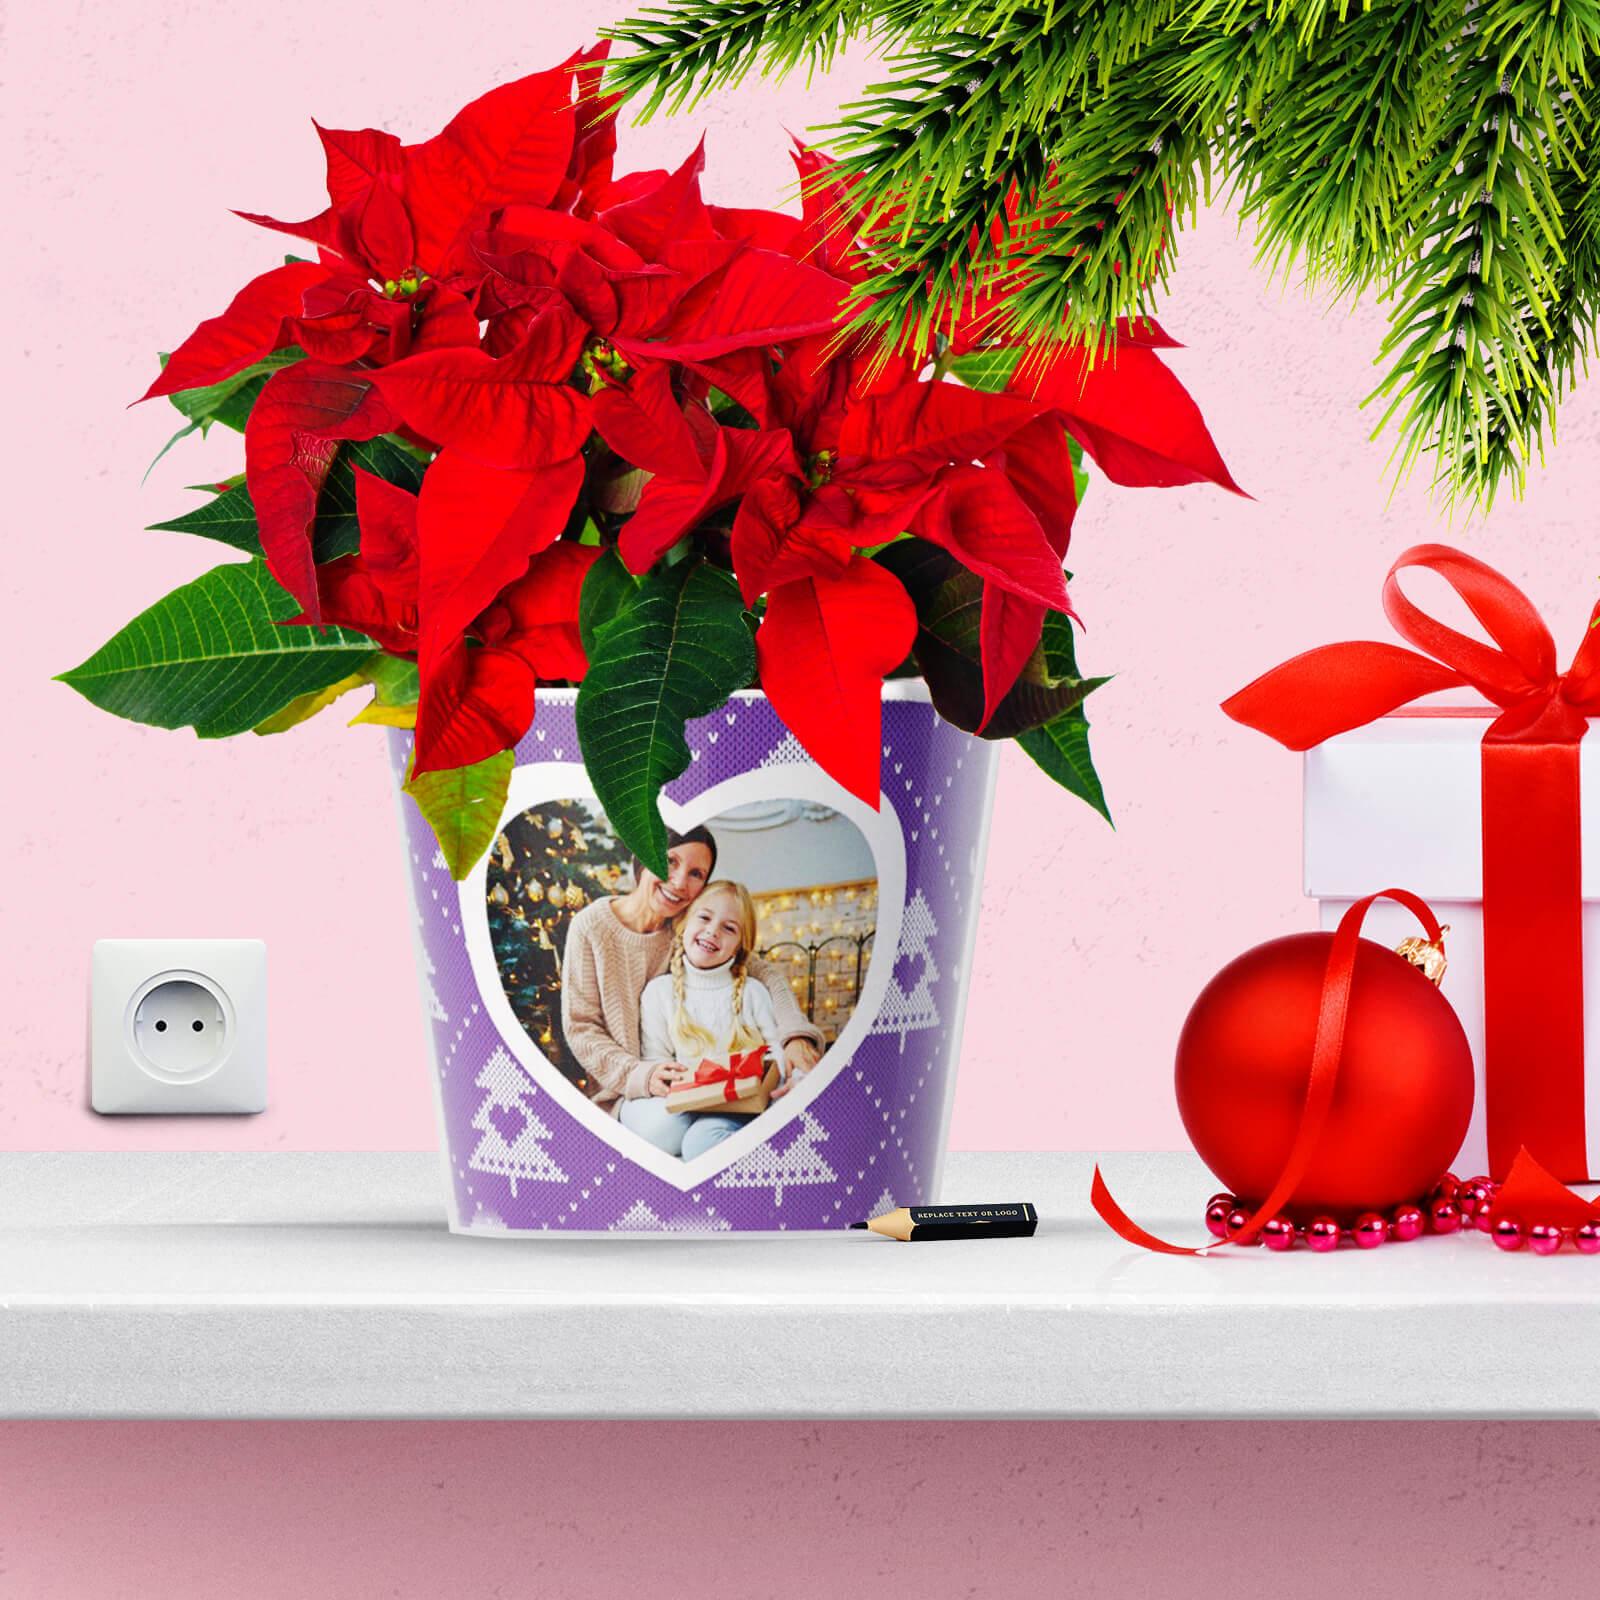 weihnachtsgeschenke f r eltern ich liebe euch. Black Bedroom Furniture Sets. Home Design Ideas